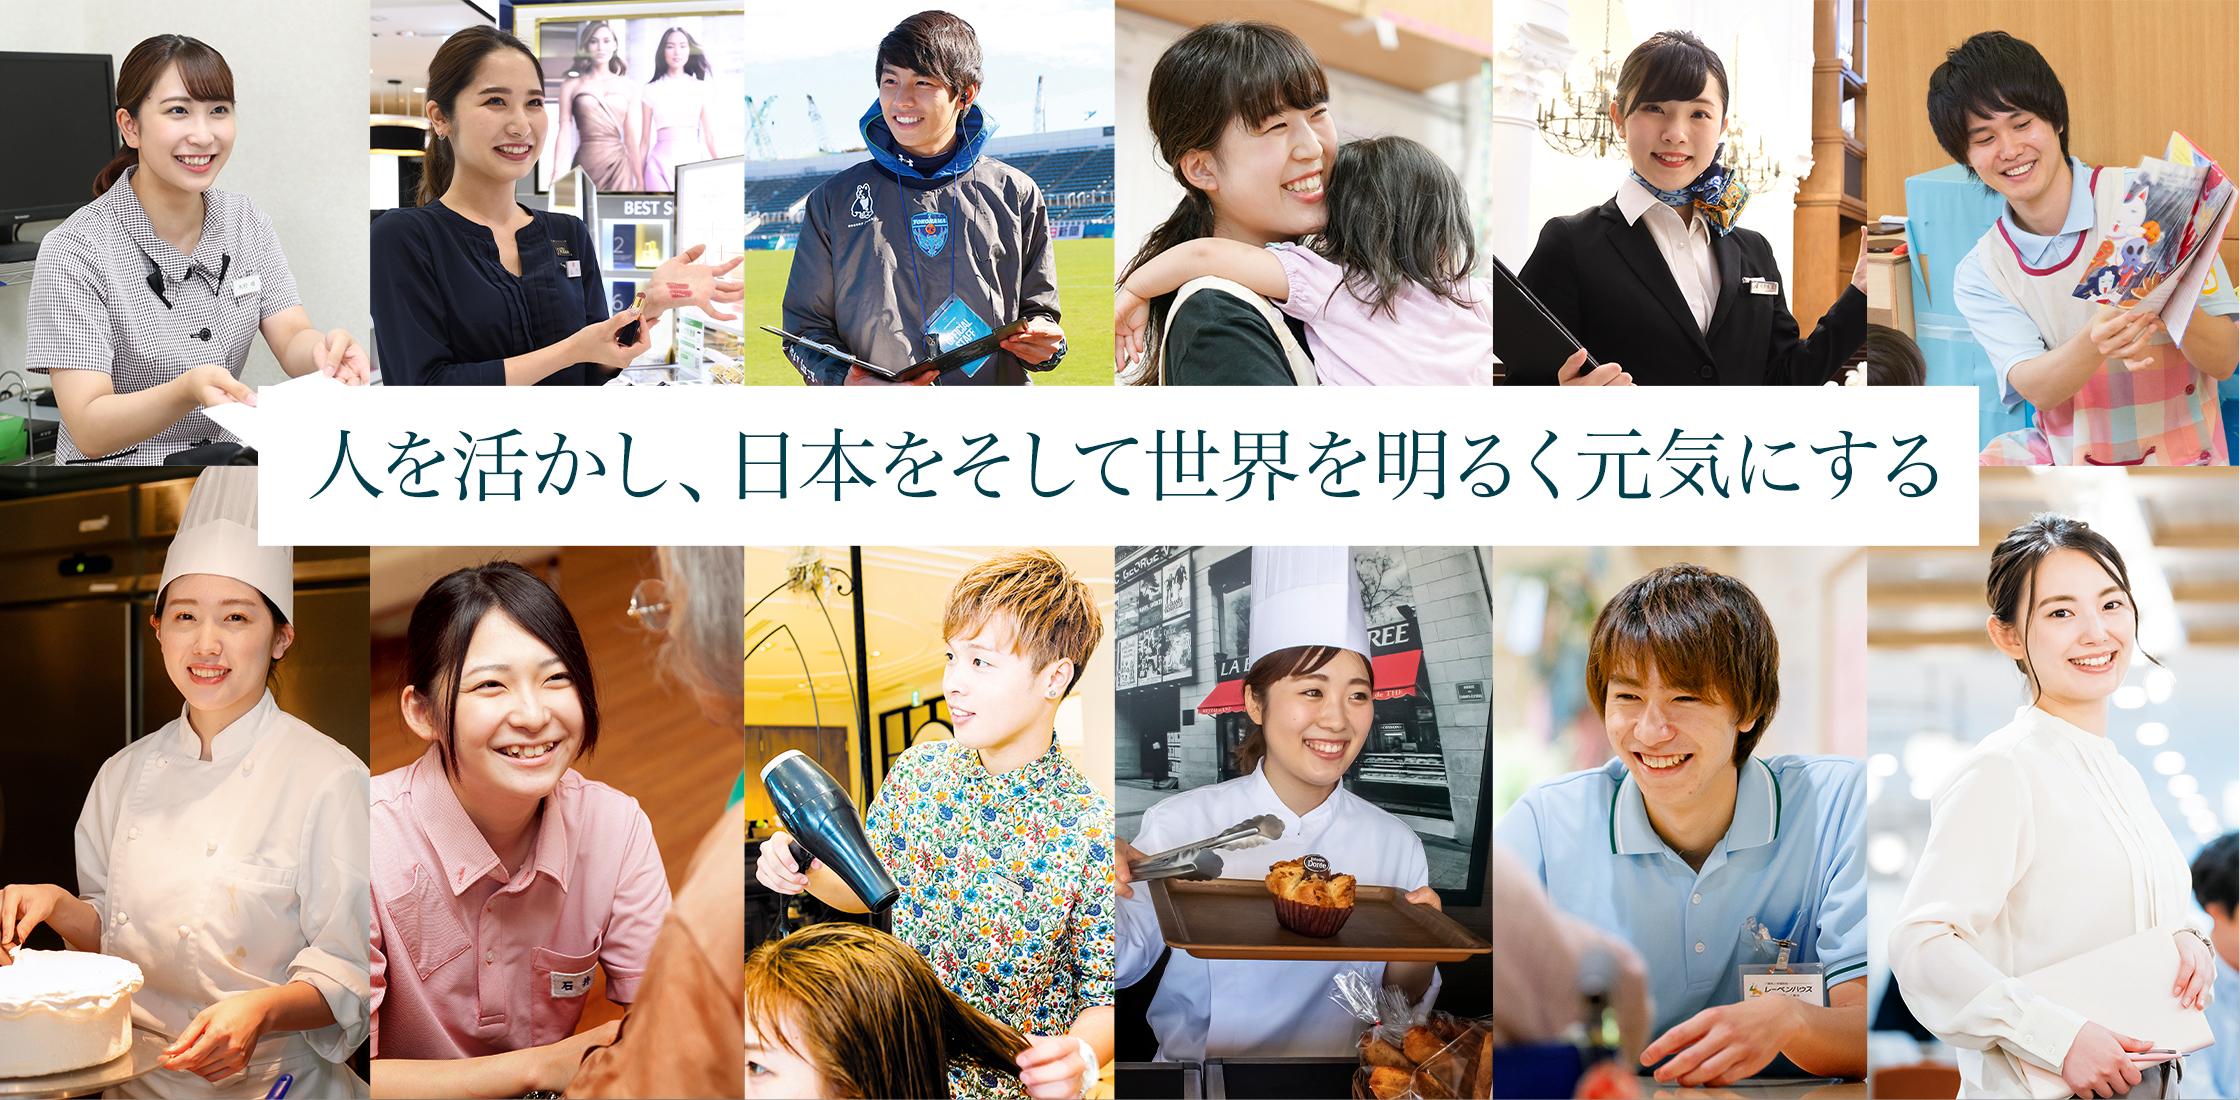 人を活かし、日本をそして世界を明るく元気にする